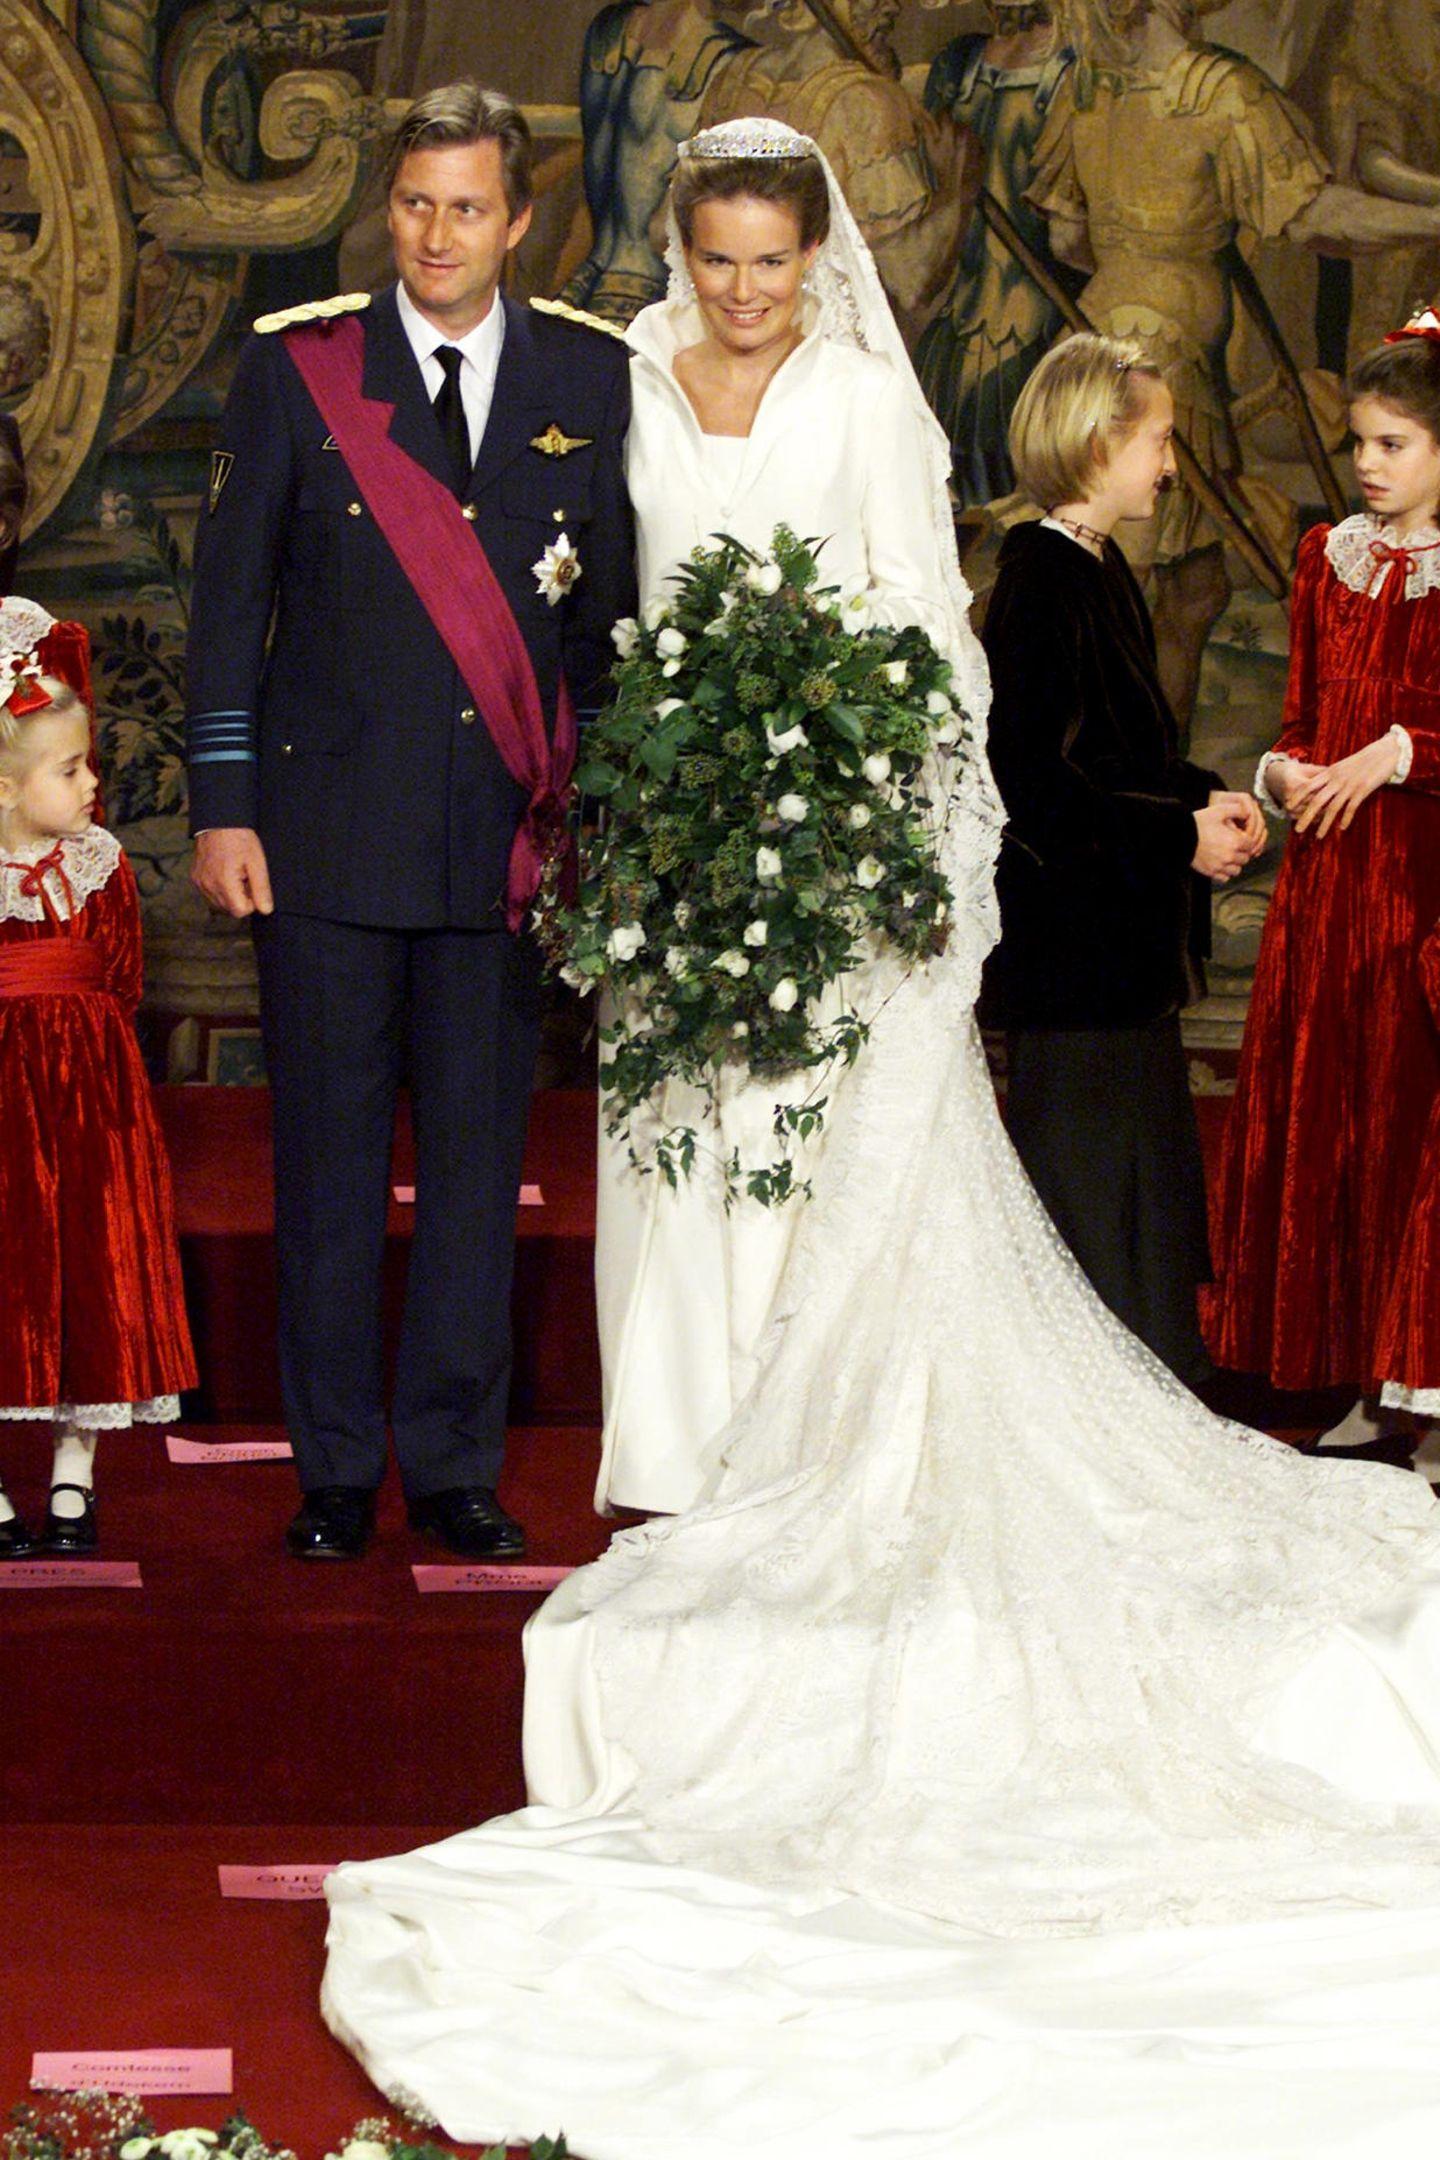 4. Dezember 2019  Königin Mathilde und König Philippe feiern heute bereits ihren 20. Hochzeitstag. Das Paar hat sich am 4. Dezember 1999 in der Brüsseler Kathedrale St. Michael und St. Gudula das Jawort gegeben.